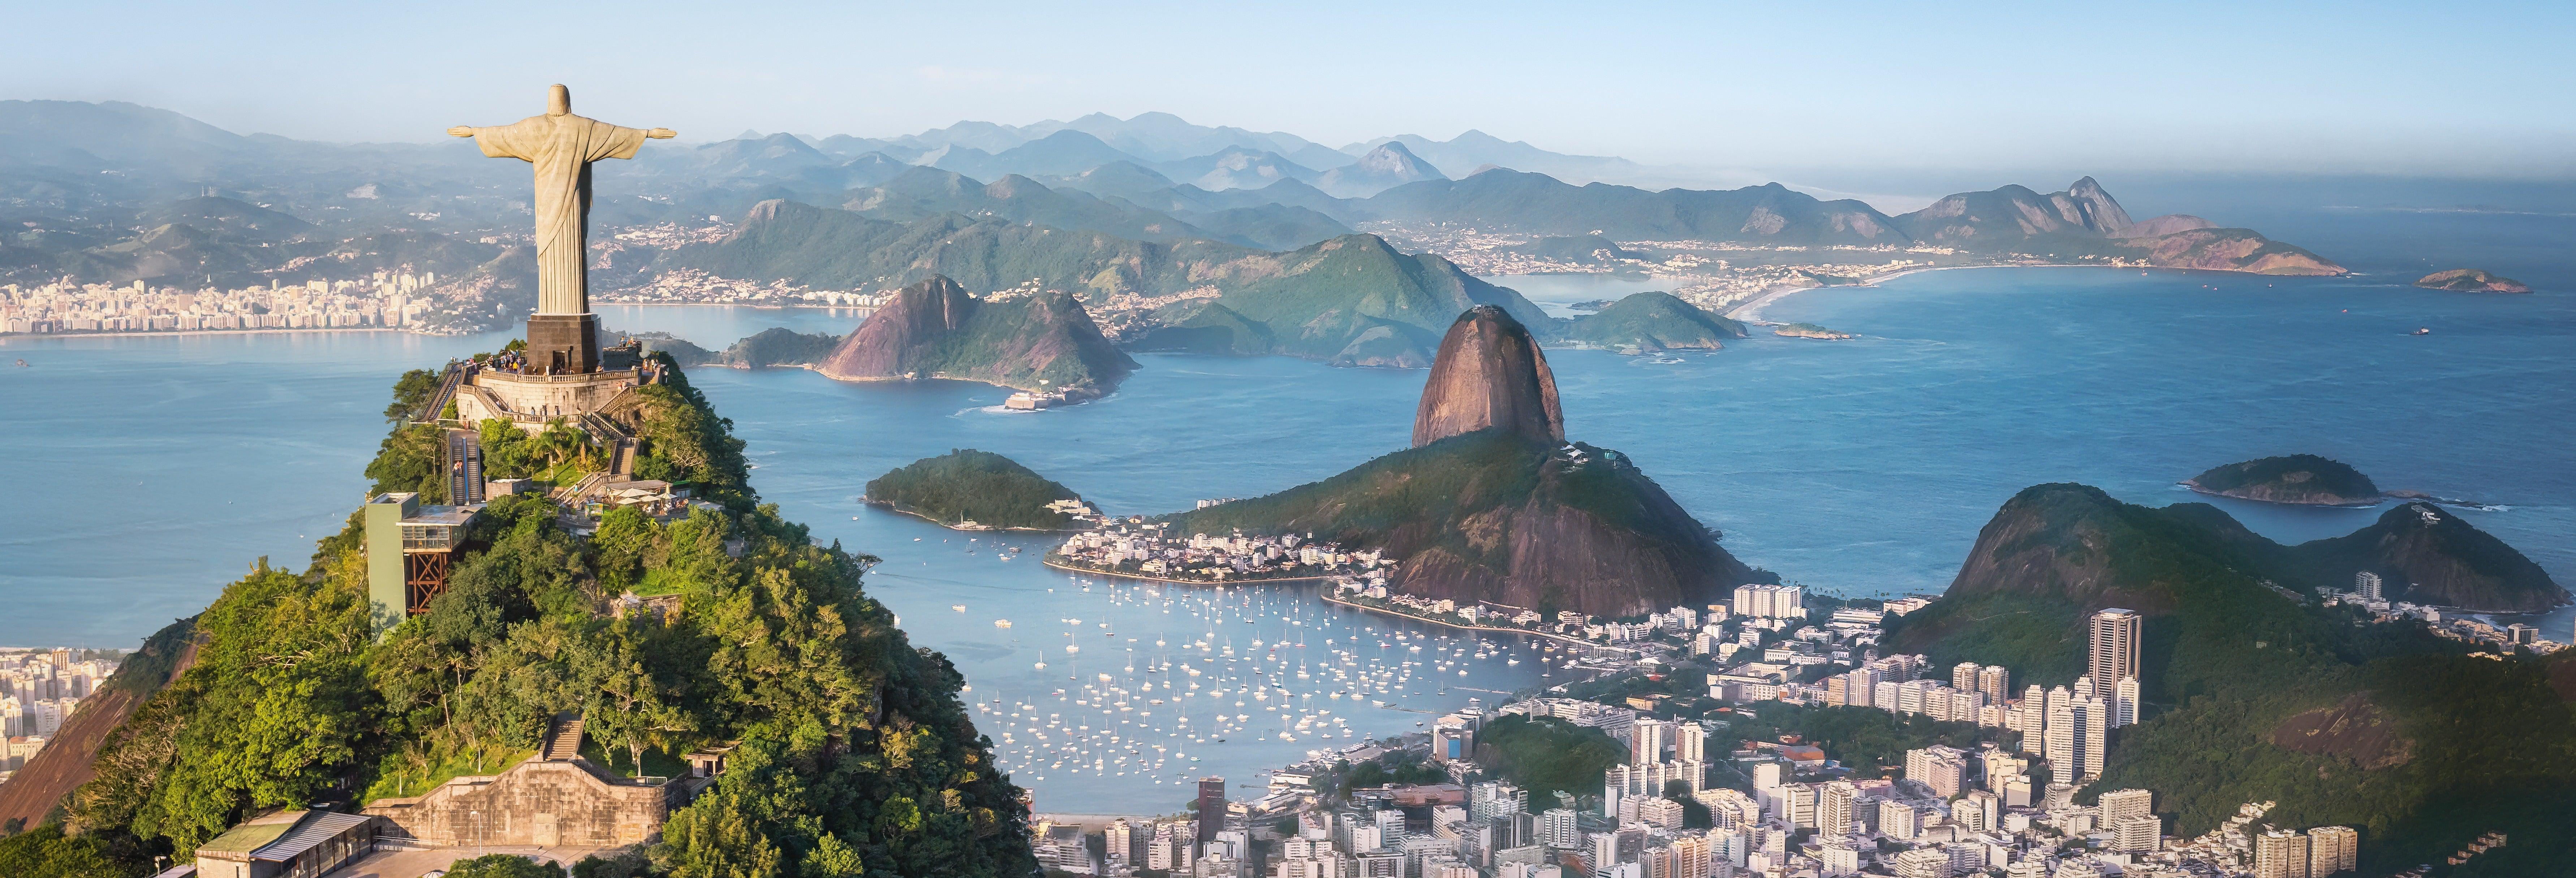 Tour completo pelo Rio de Janeiro